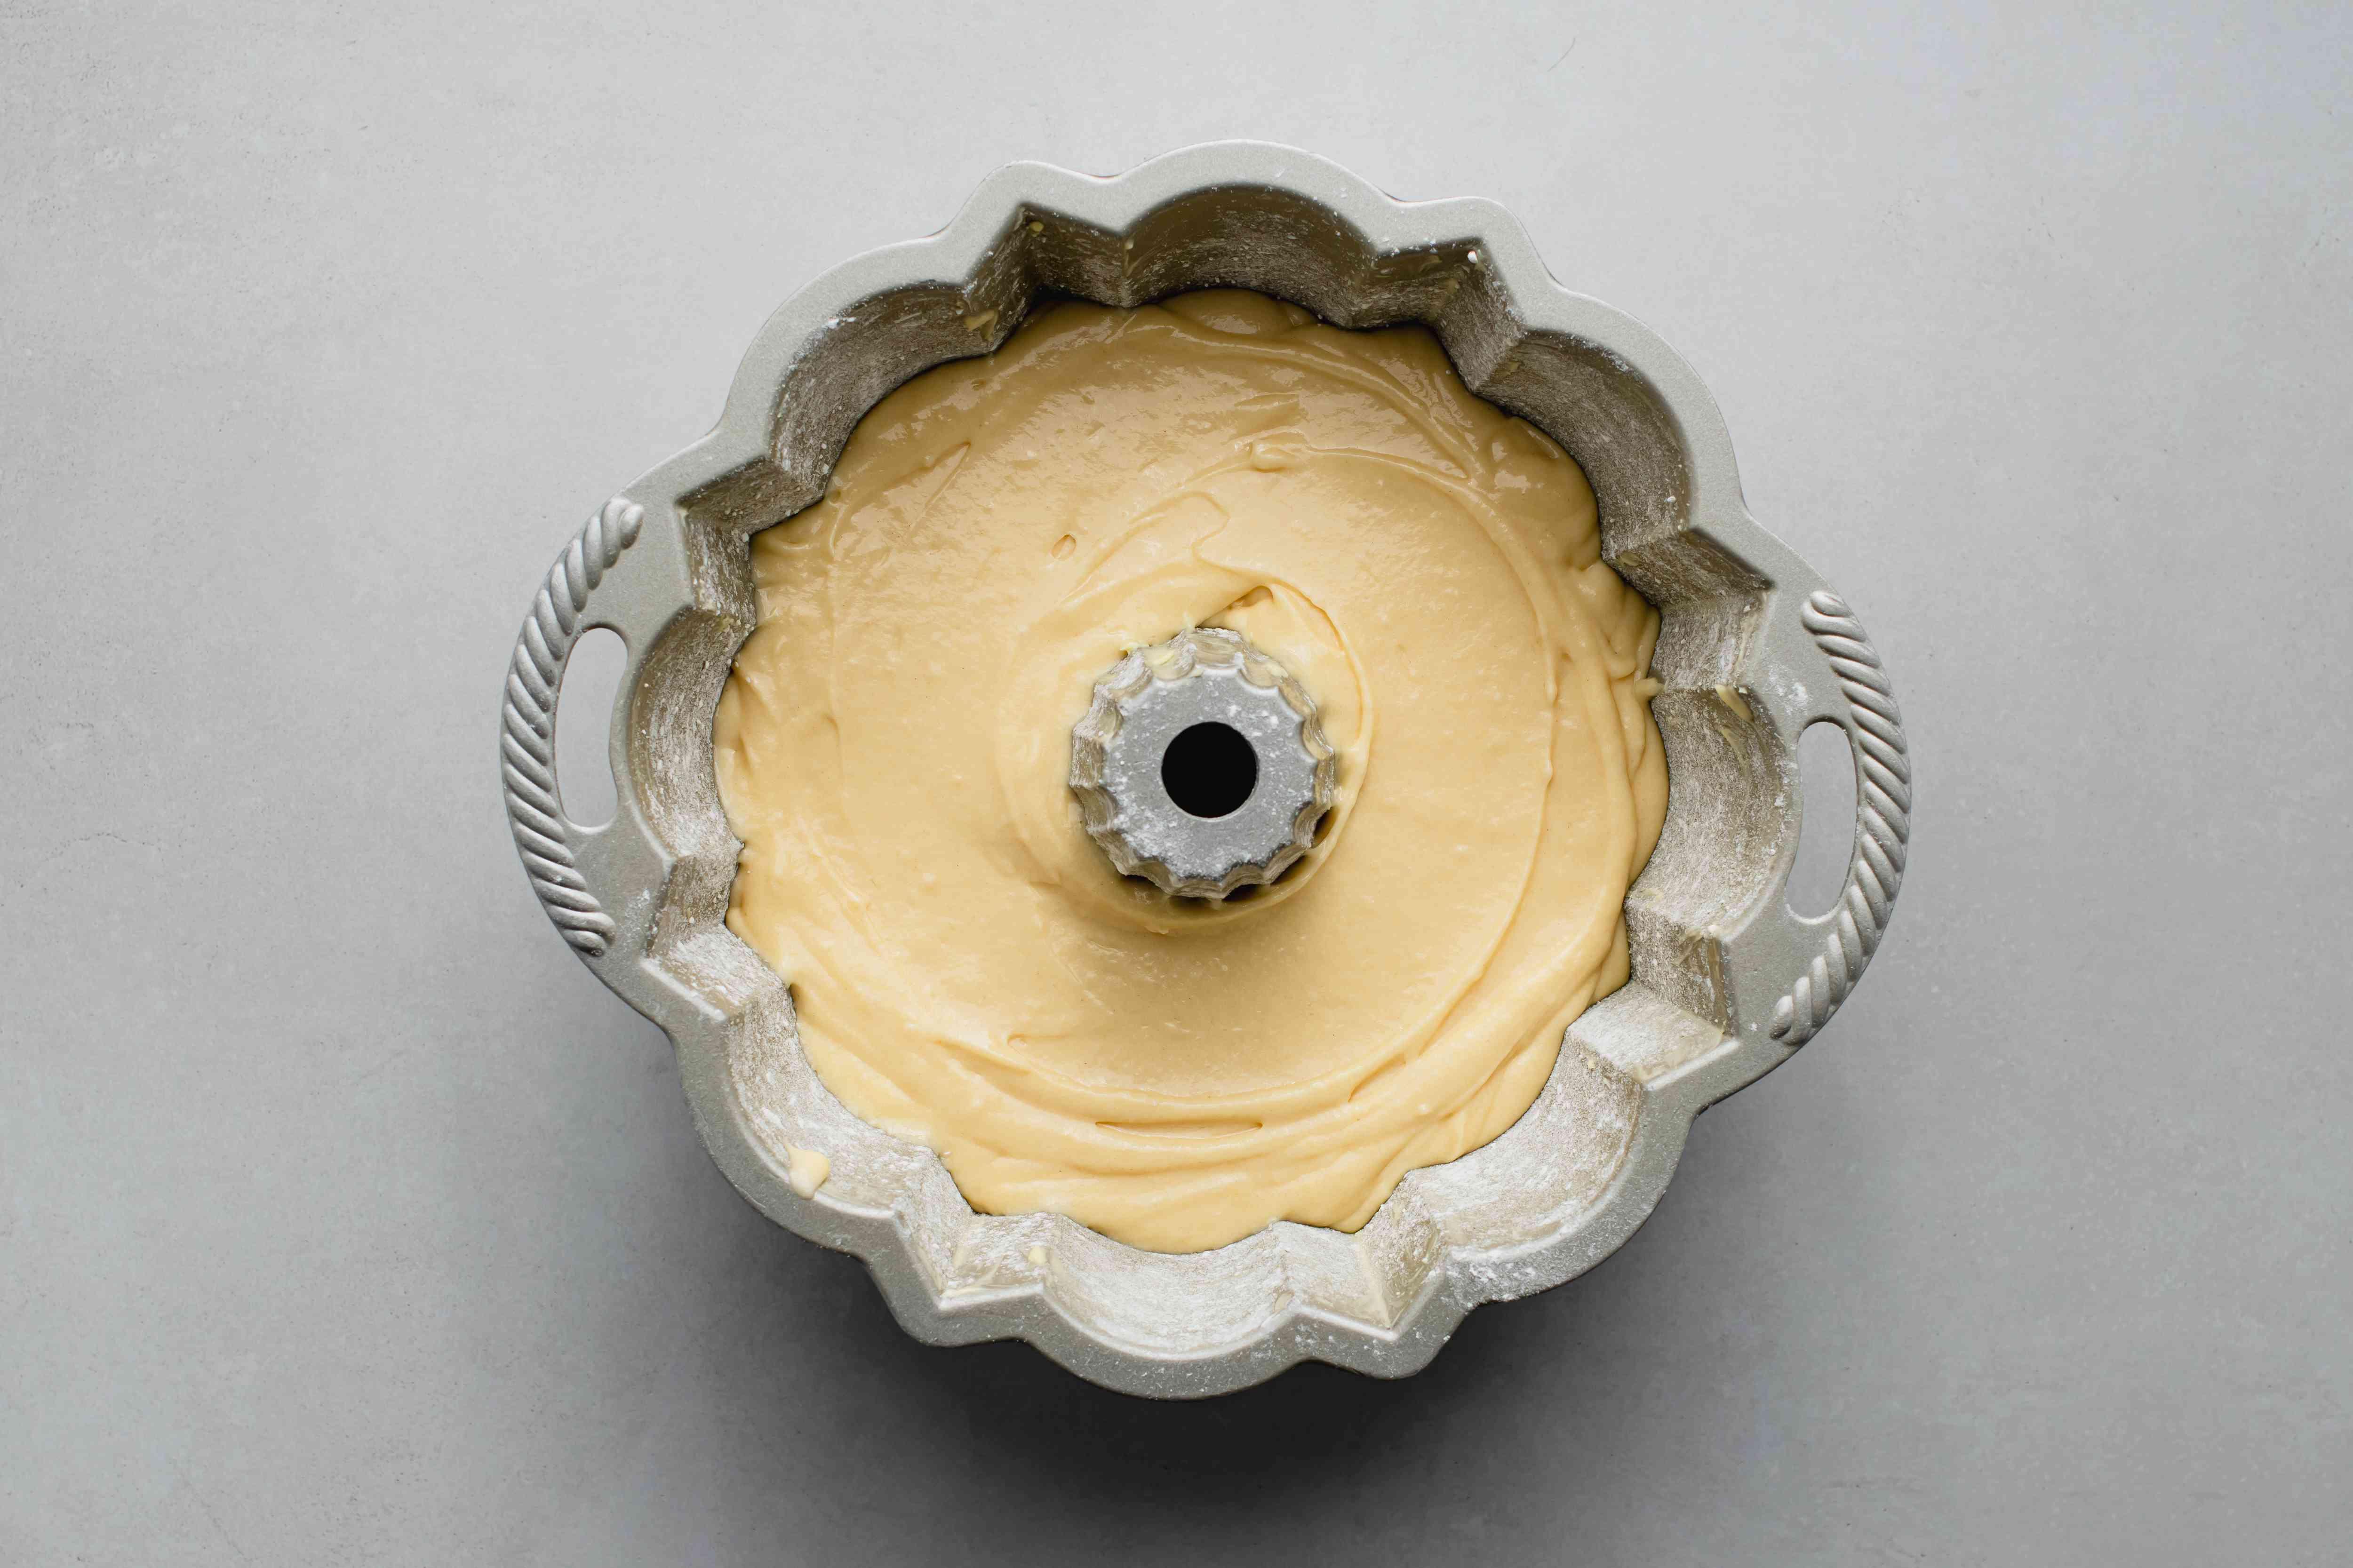 cake batter in the bundt cake pan